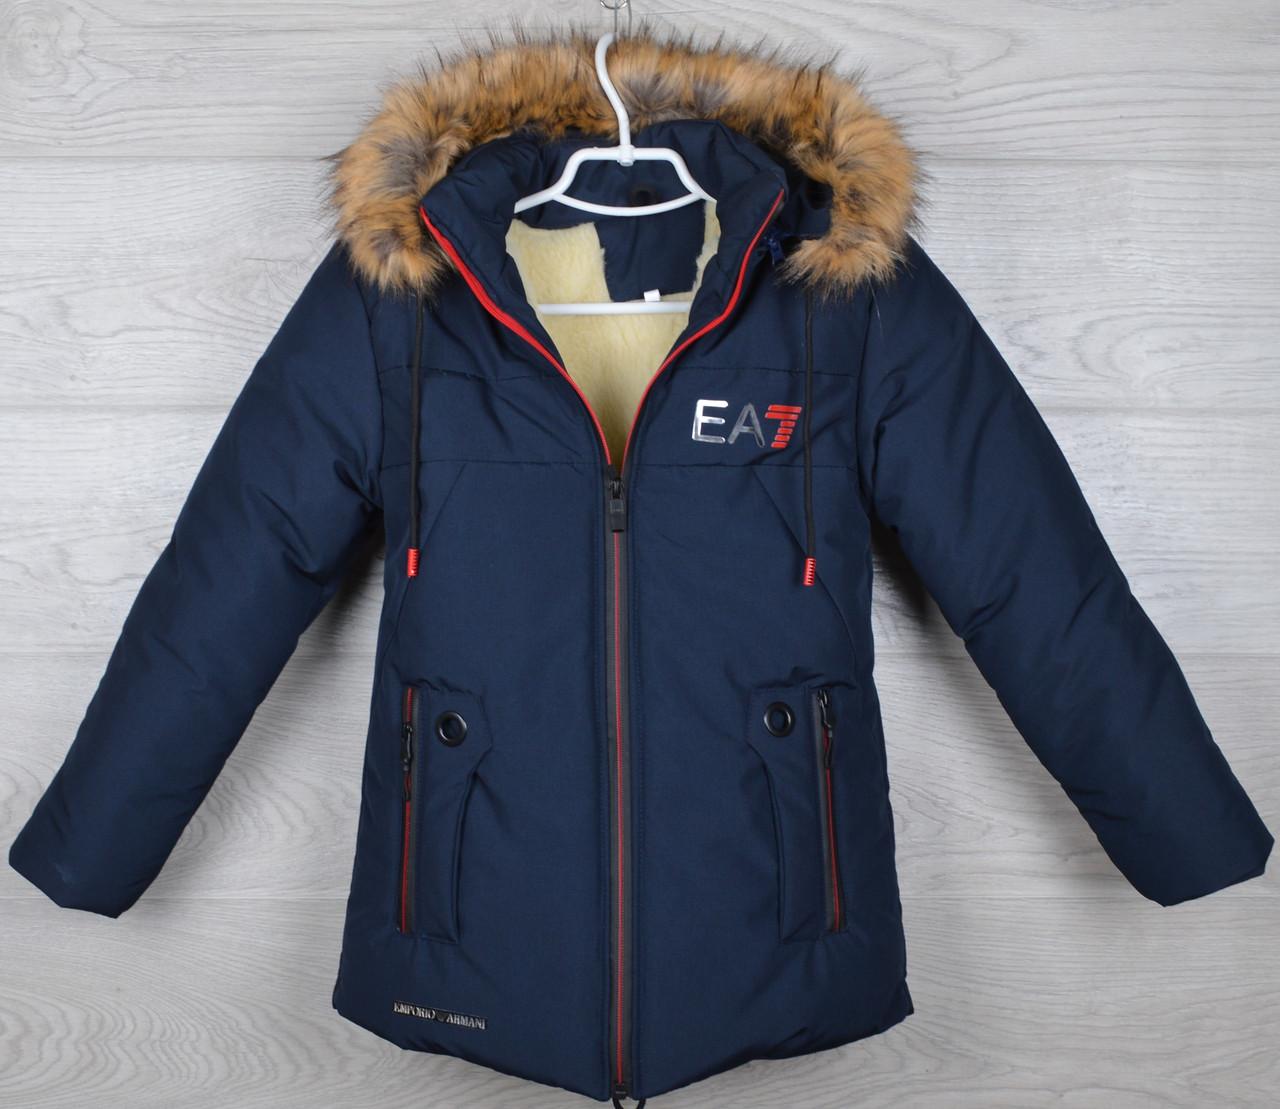 """Куртка зимняя """"EA7 реплика"""" для мальчиков. 5-6-7-8-9 лет (110-134 см). Темно-синяя. Оптом."""